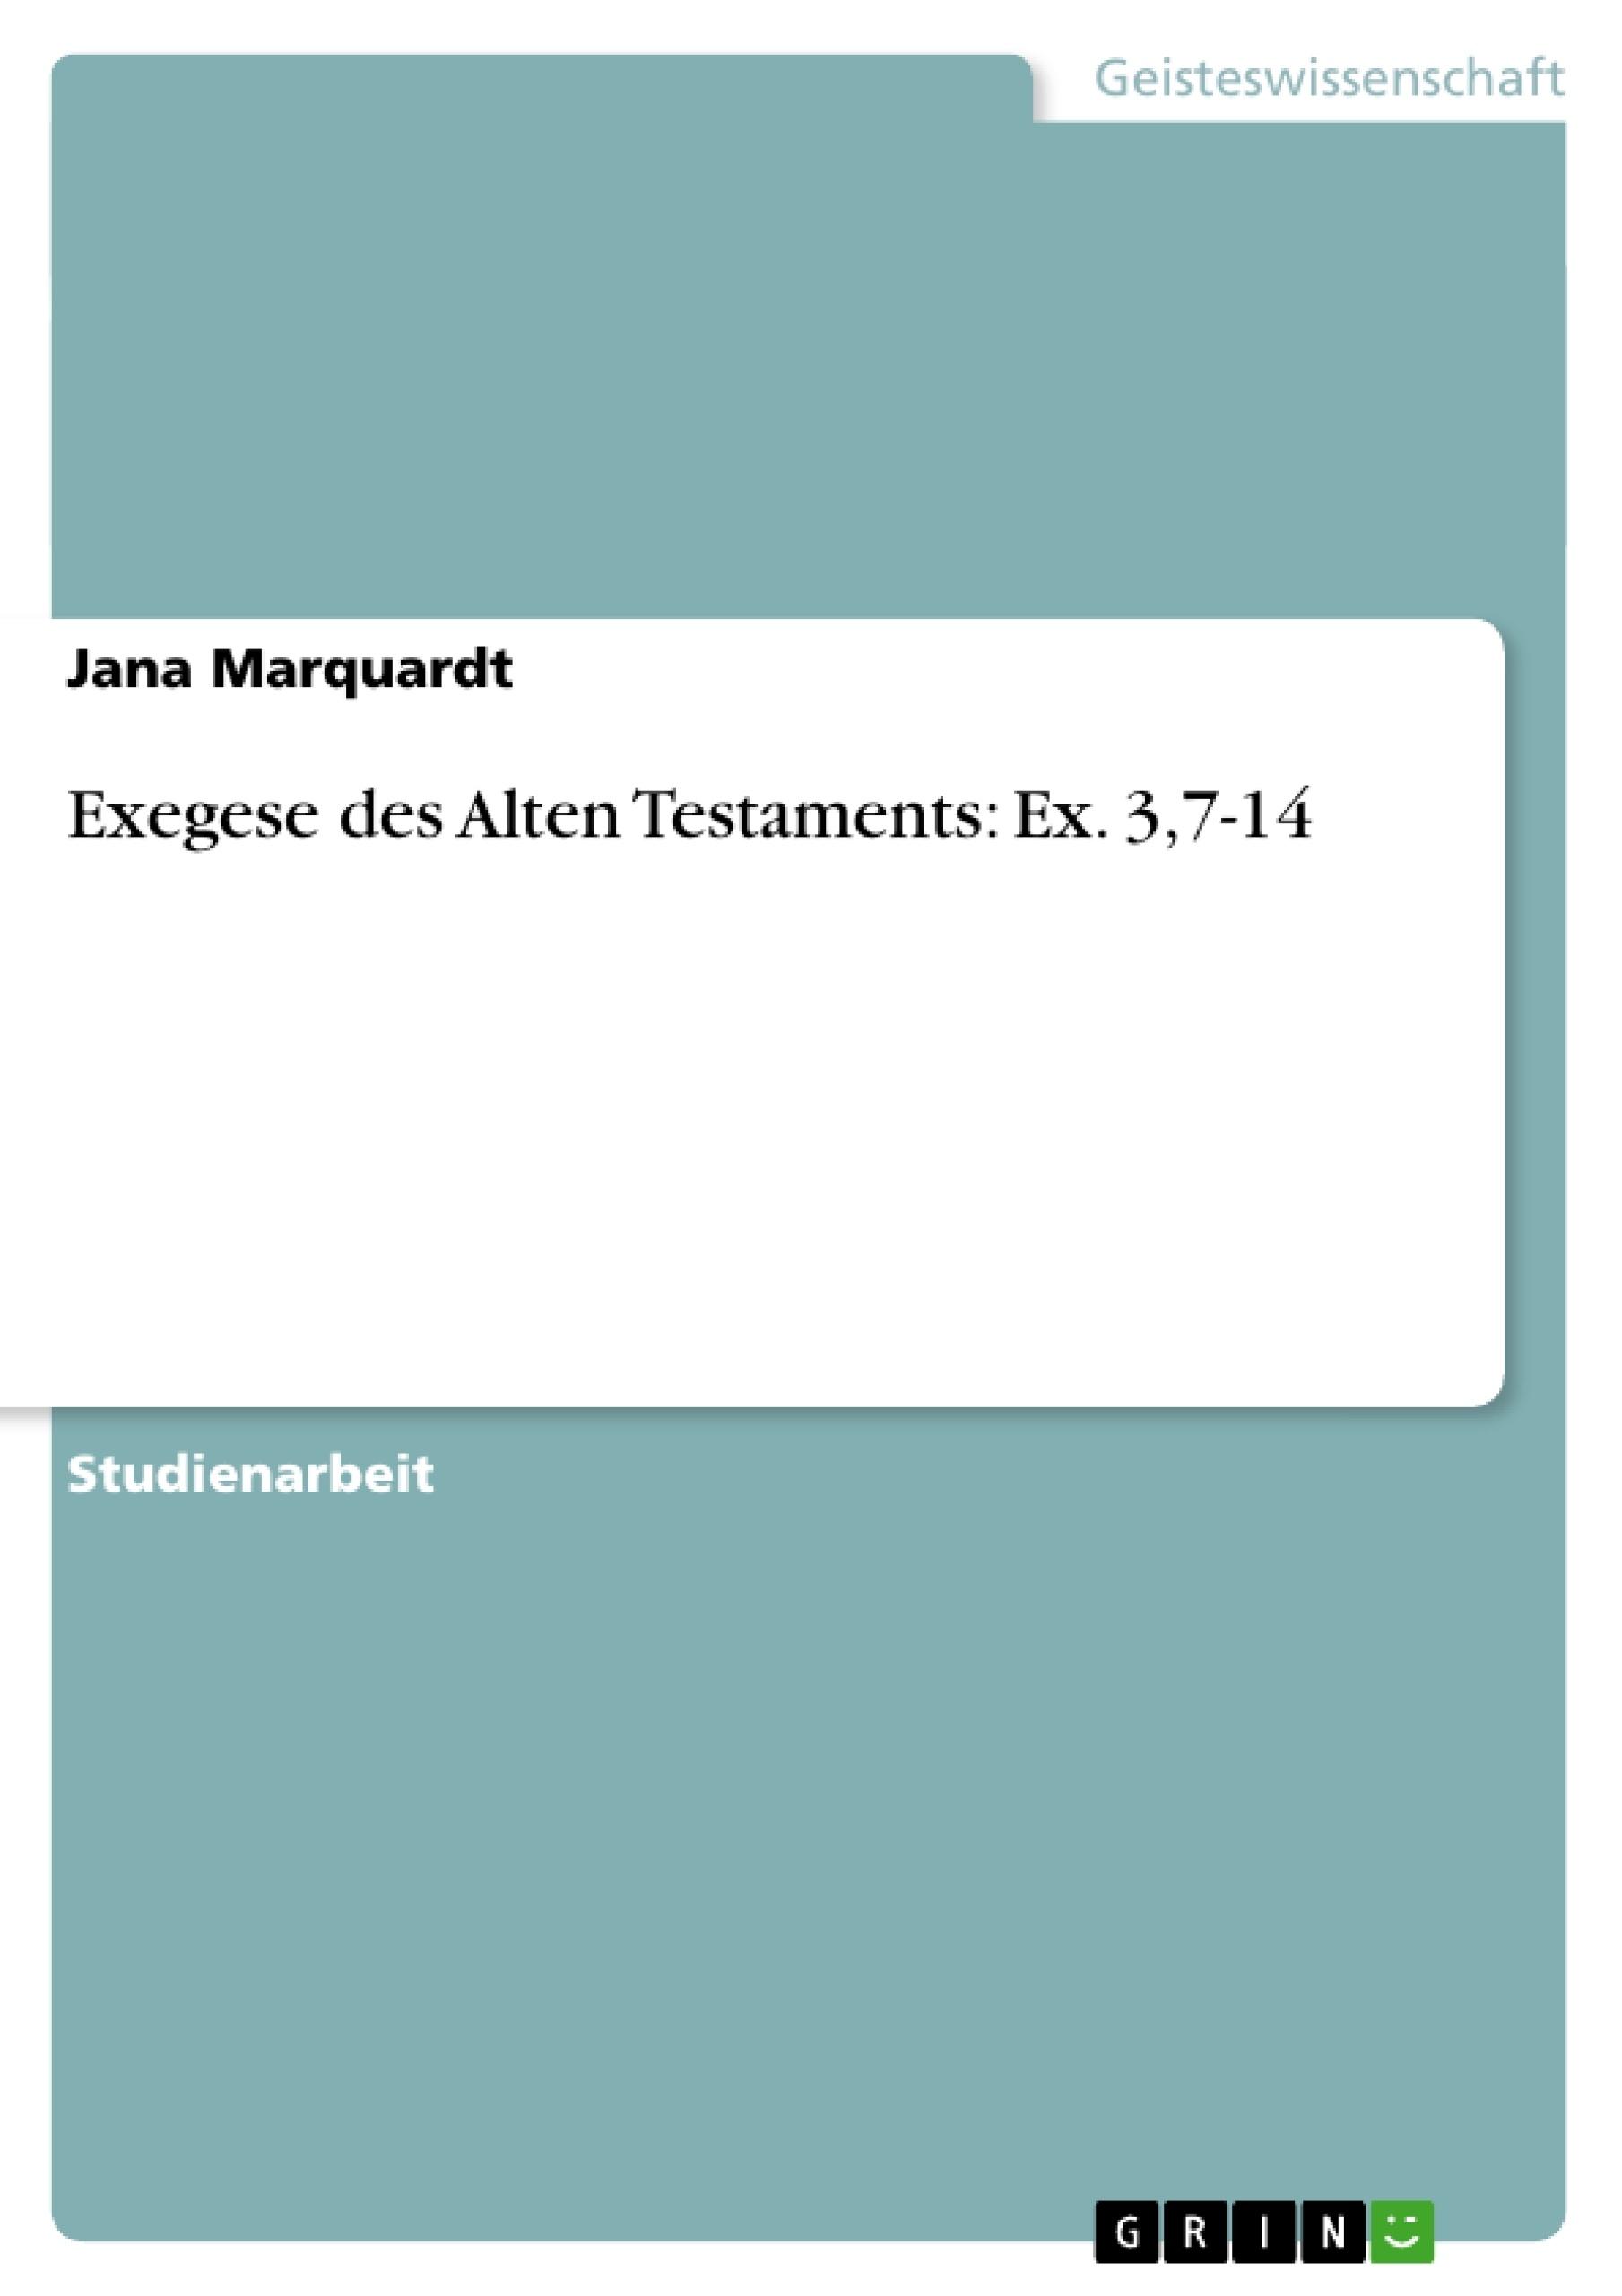 Titel: Exegese des Alten Testaments: Ex. 3,7-14